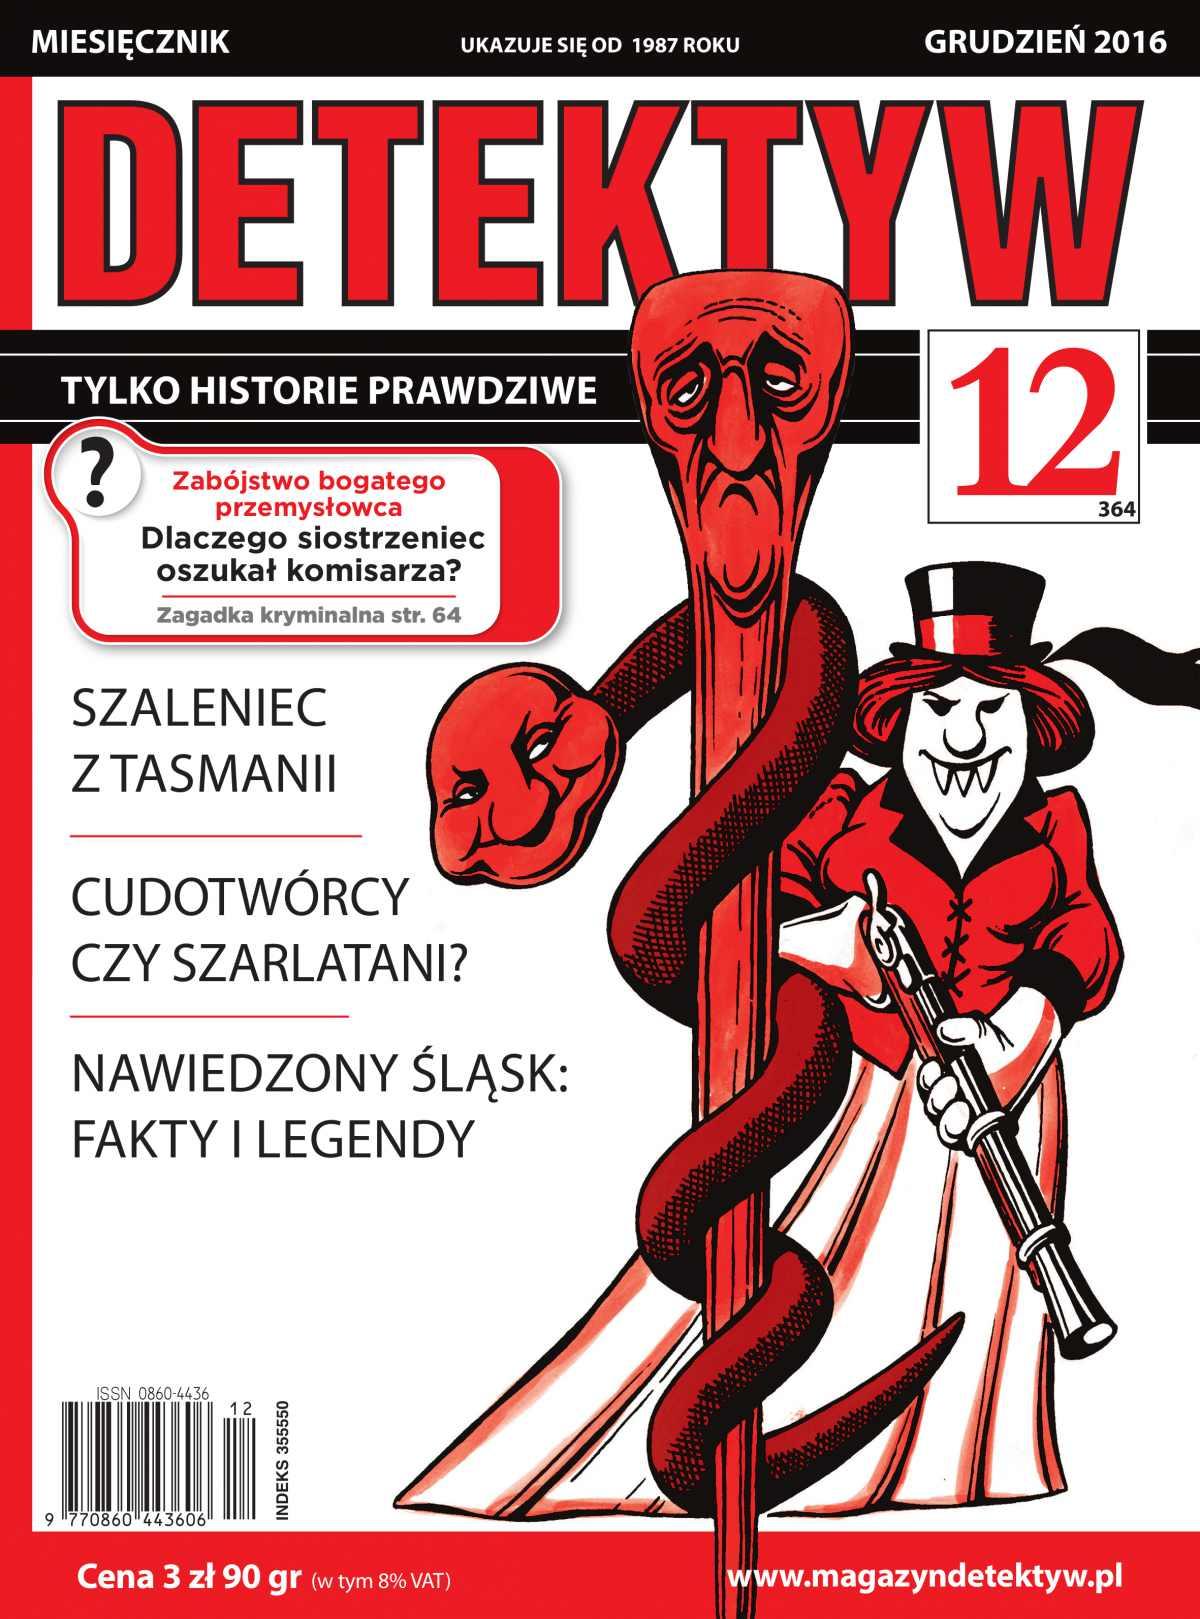 Detektyw 12/2016 - Ebook (Książka PDF) do pobrania w formacie PDF